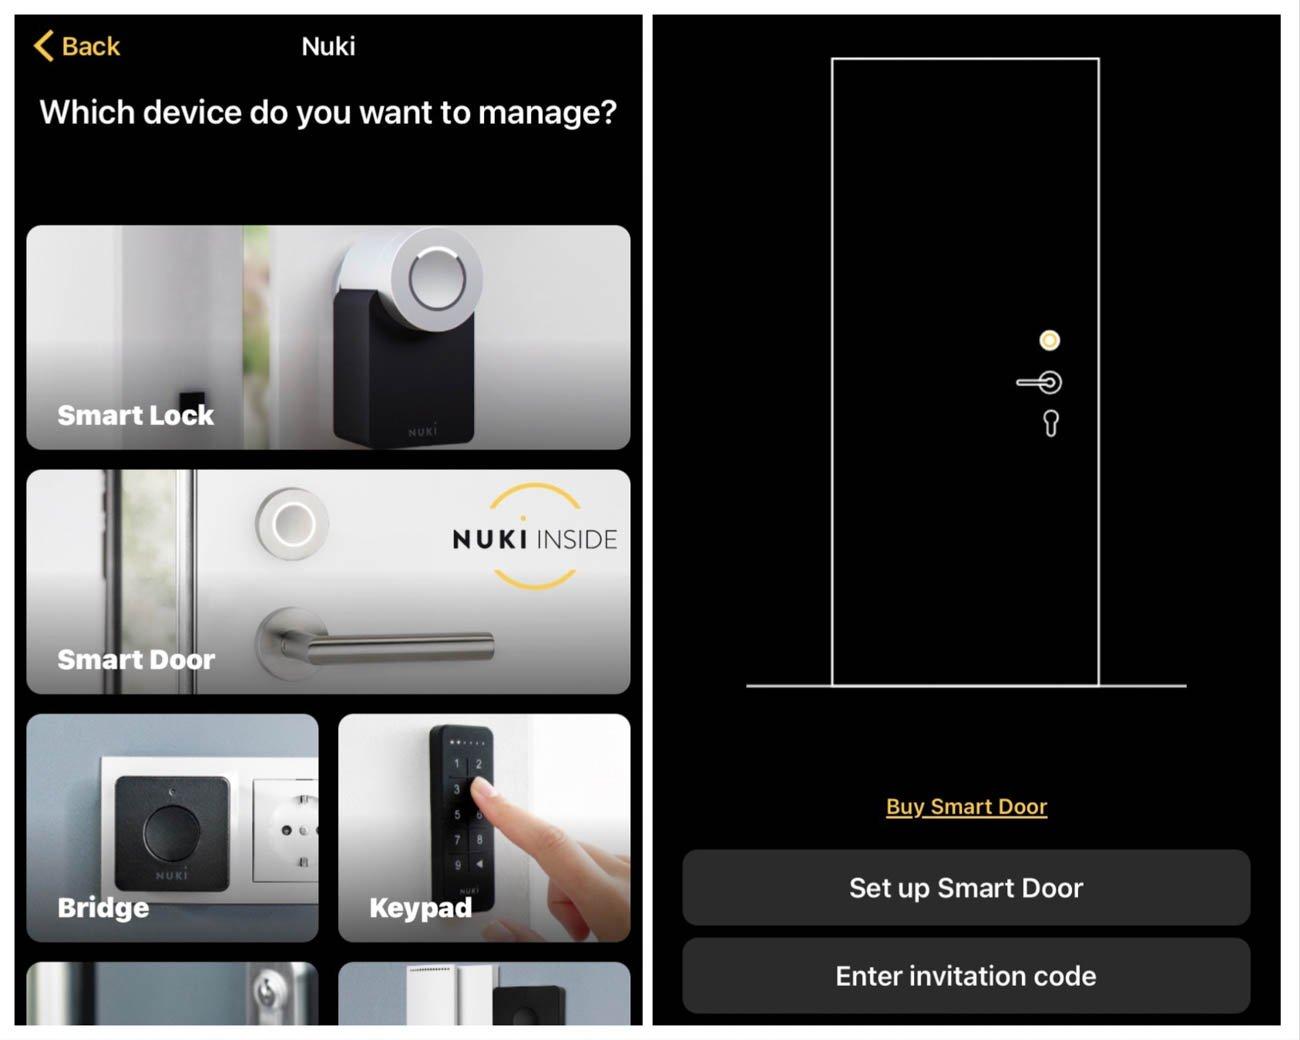 Nuki smart door HomeKit